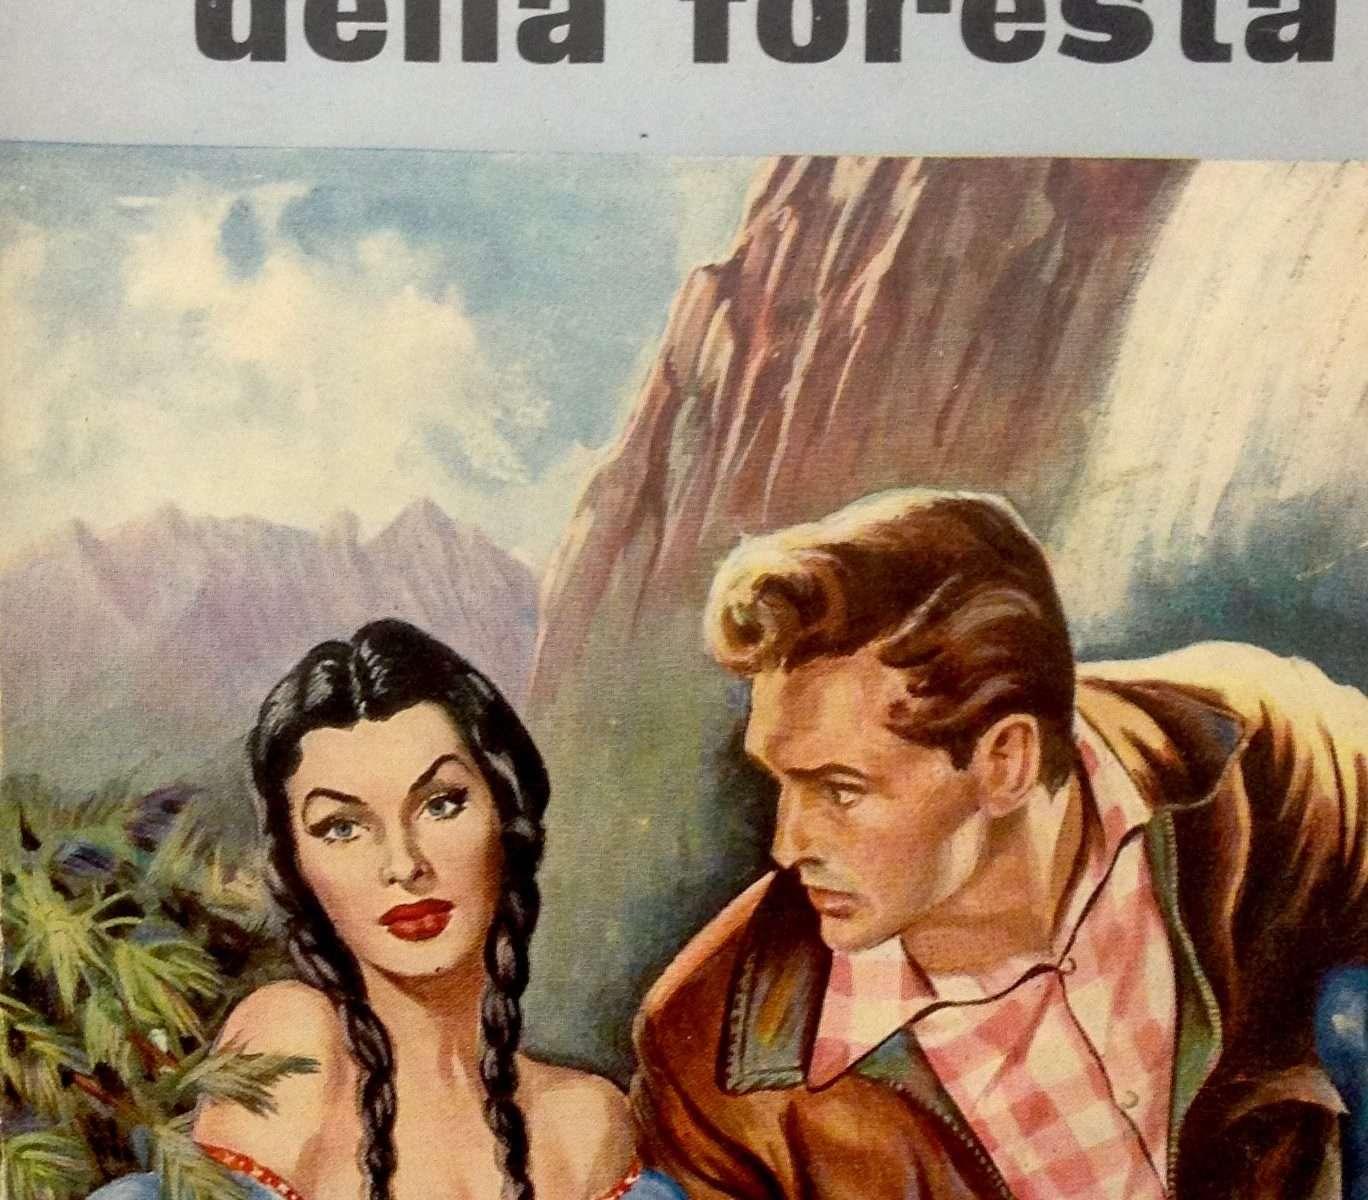 JOHANNA DELLA FORESTA  <BR/> Giorgio Scerbanenco